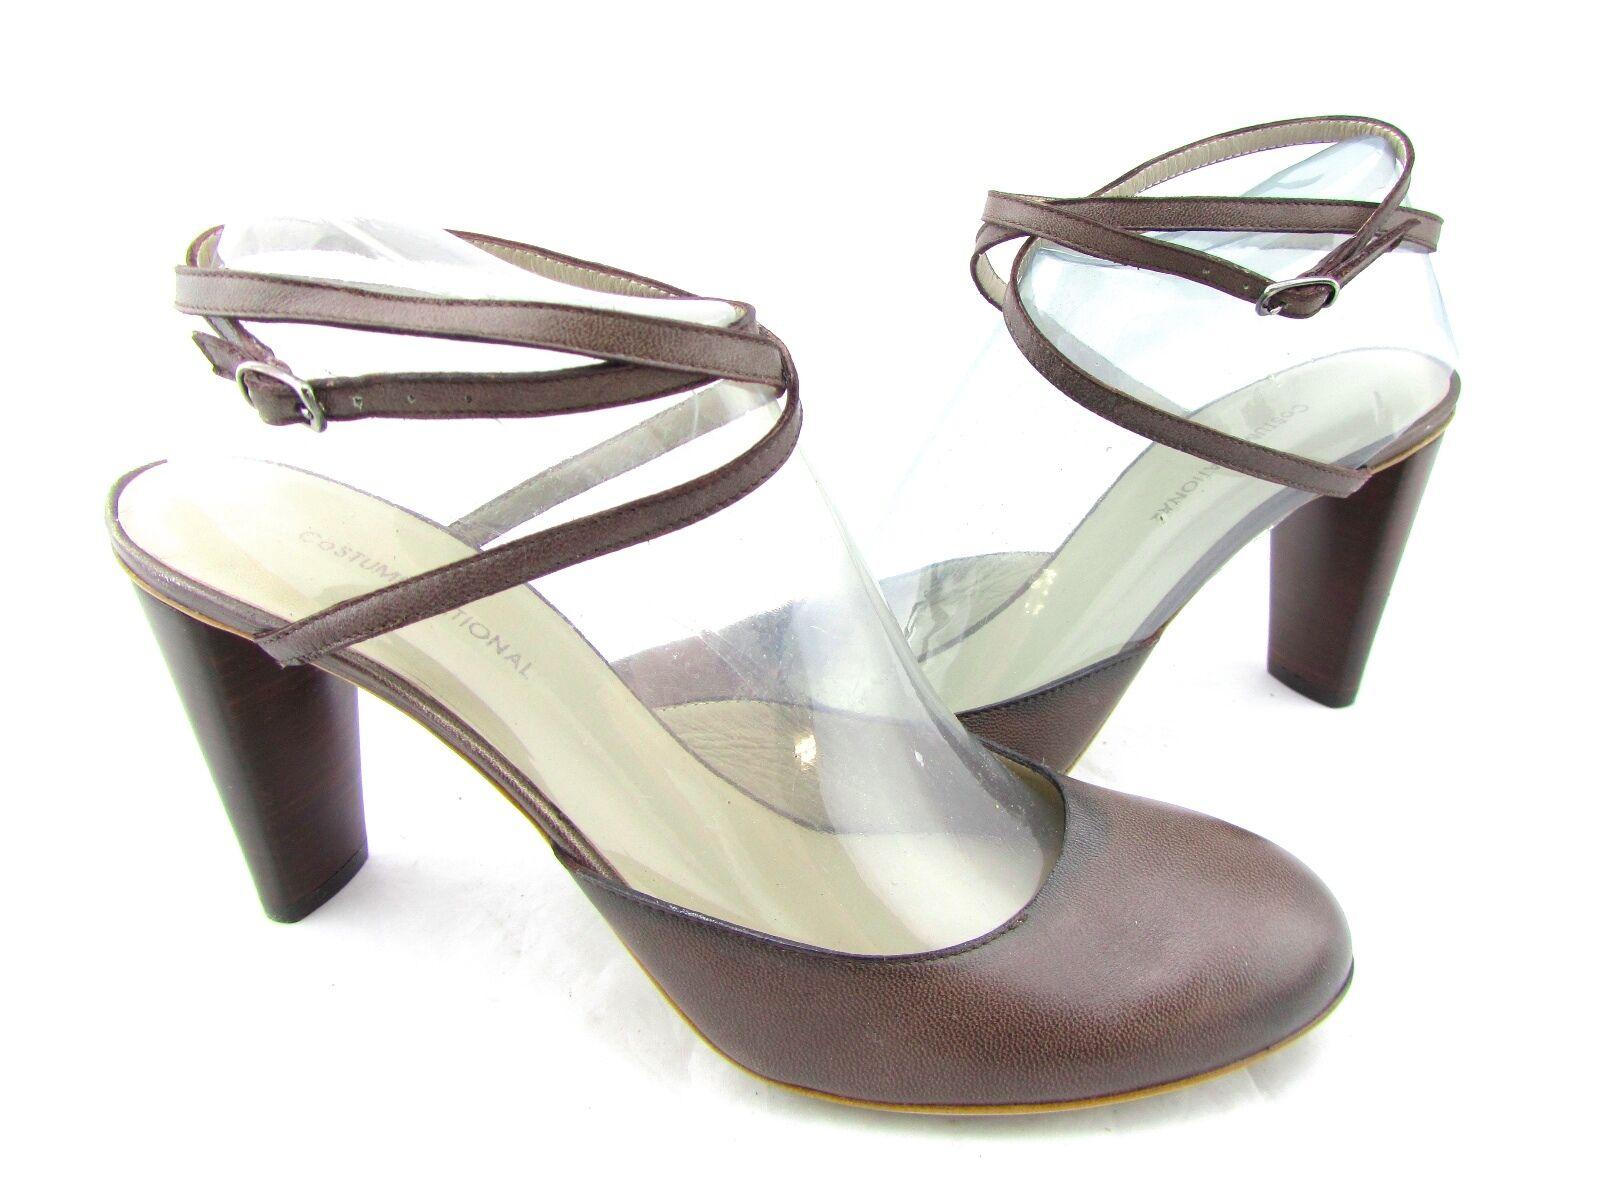 vendita economica  595 COSTUME COSTUME COSTUME NATIONAL  Marrone Leather Mary Jane Ankle Strap Pump Heels 11 41  ti aspetto